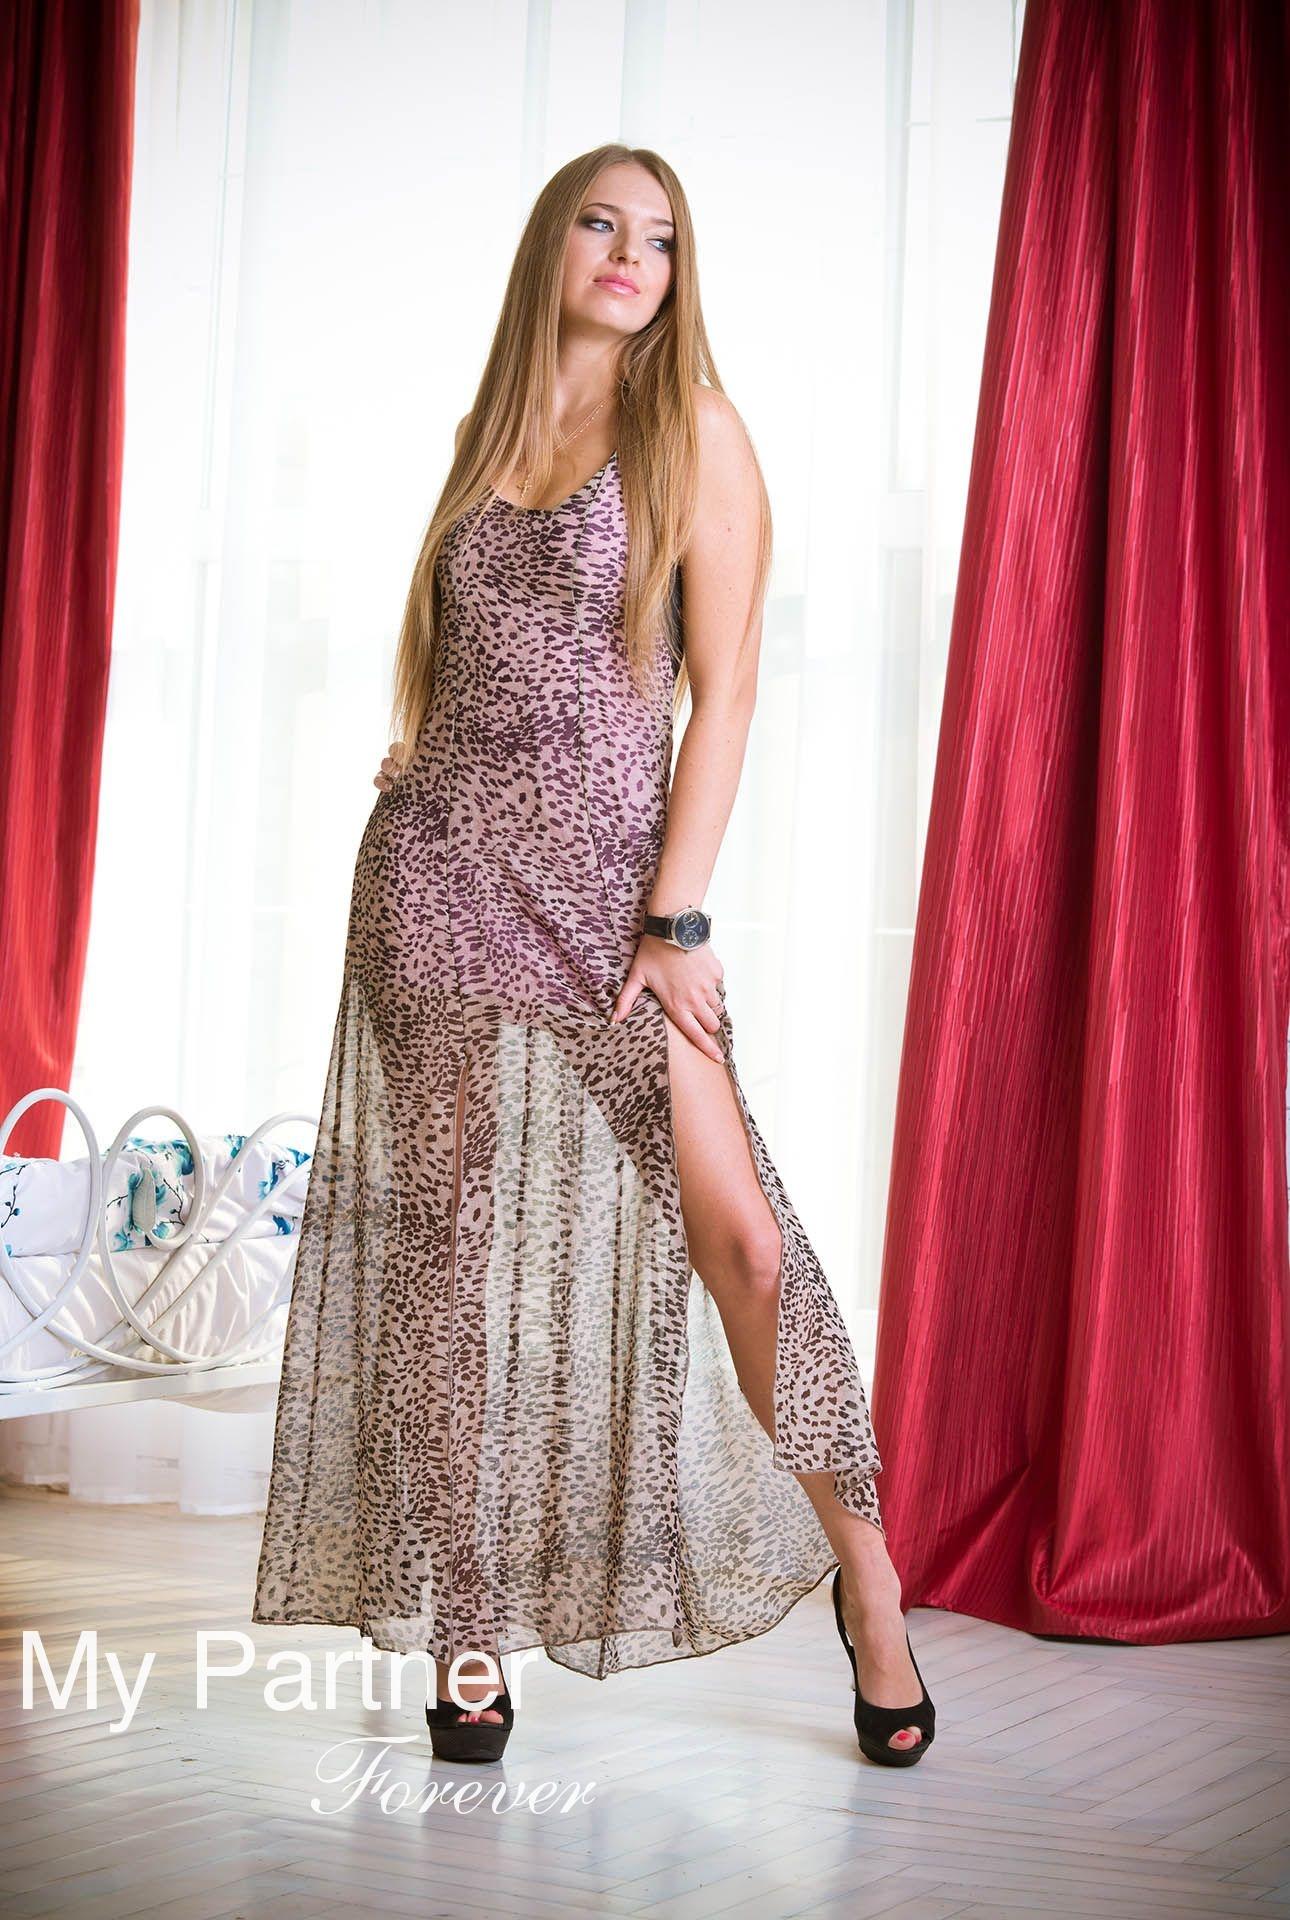 Dating Site to Meet Beautiful Ukrainian Girl Nadezhda from Zaporozhye, Ukraine